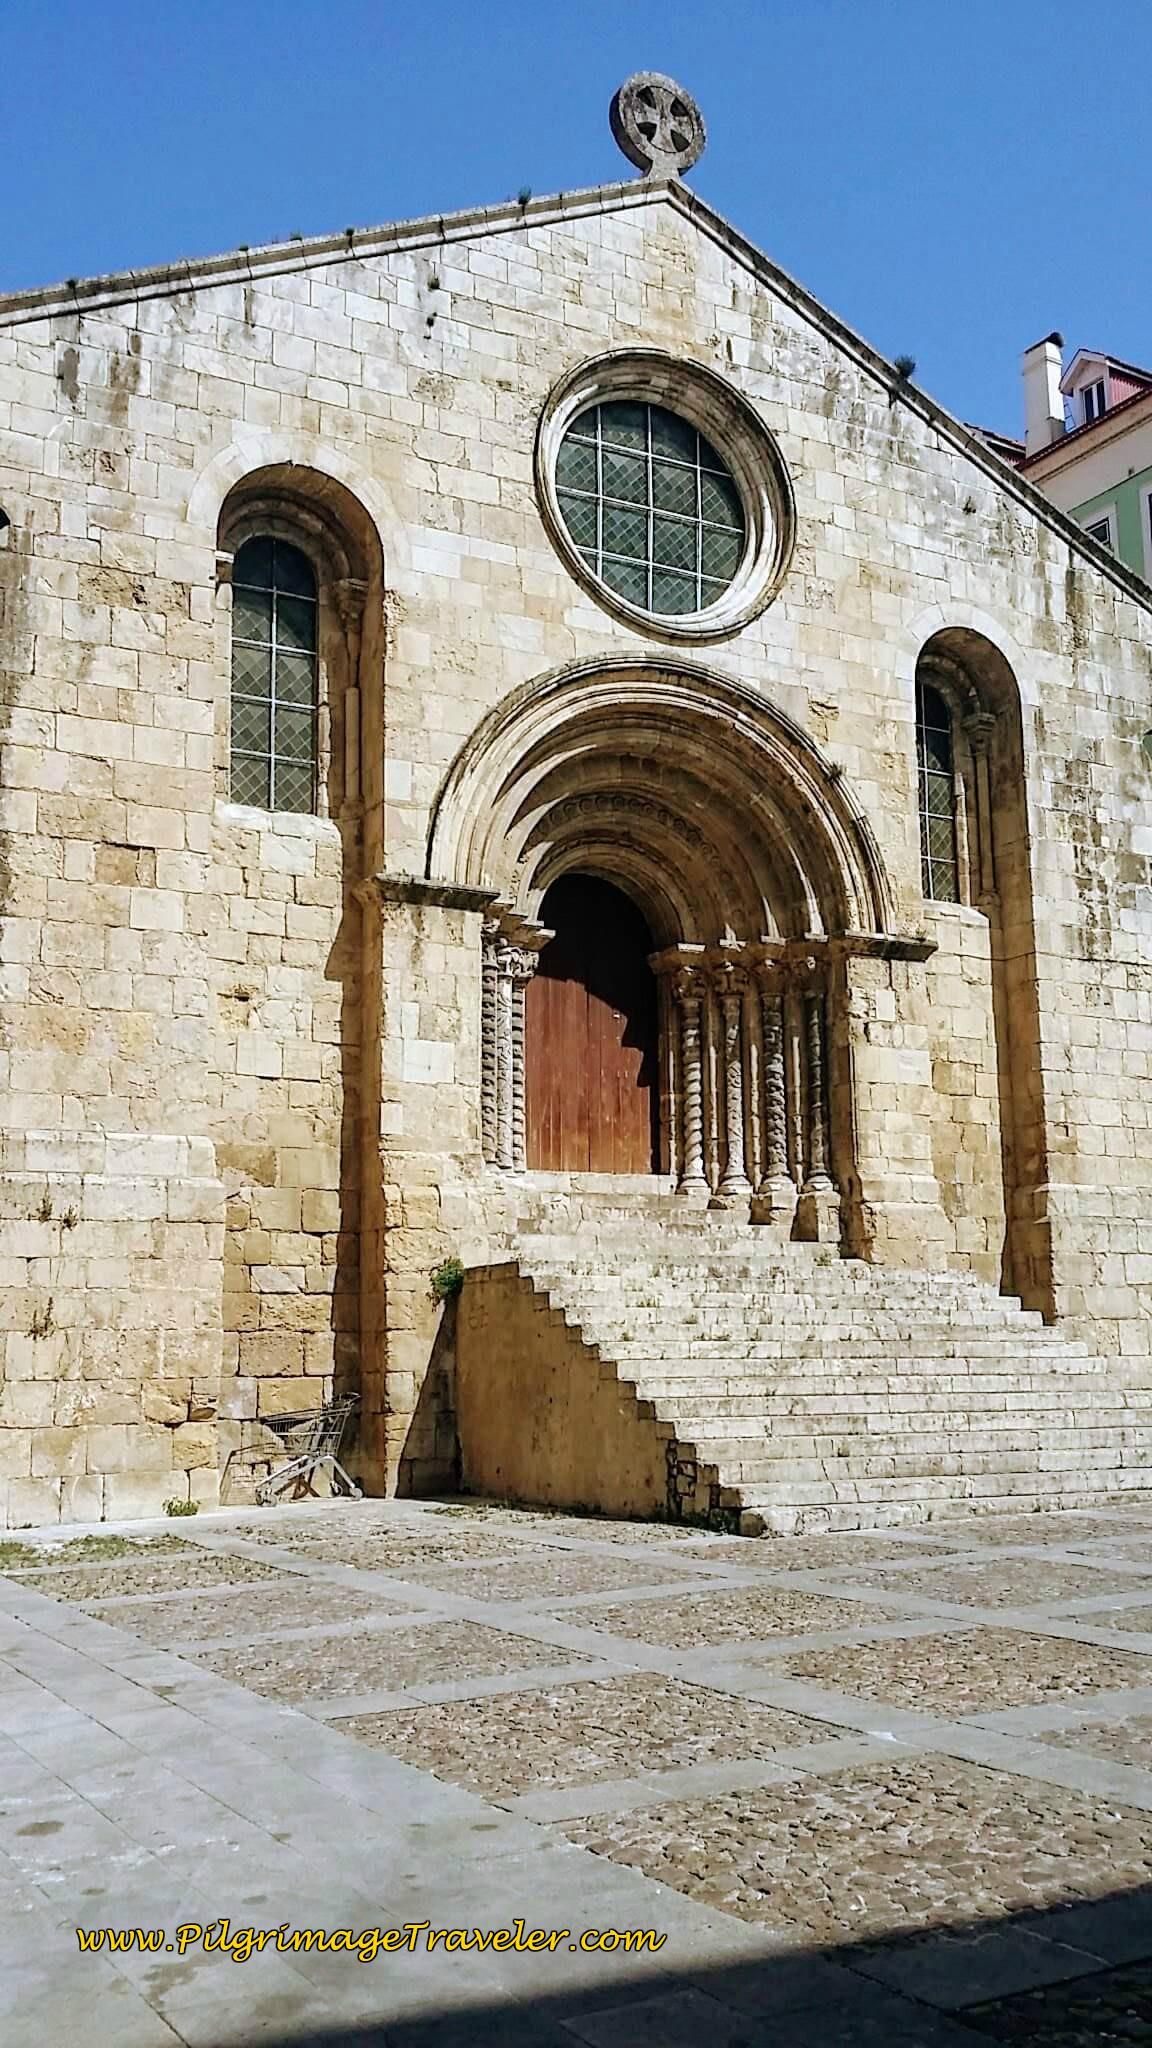 Igreja de São Tiago, along the Portuguese Camino, in Coimbra